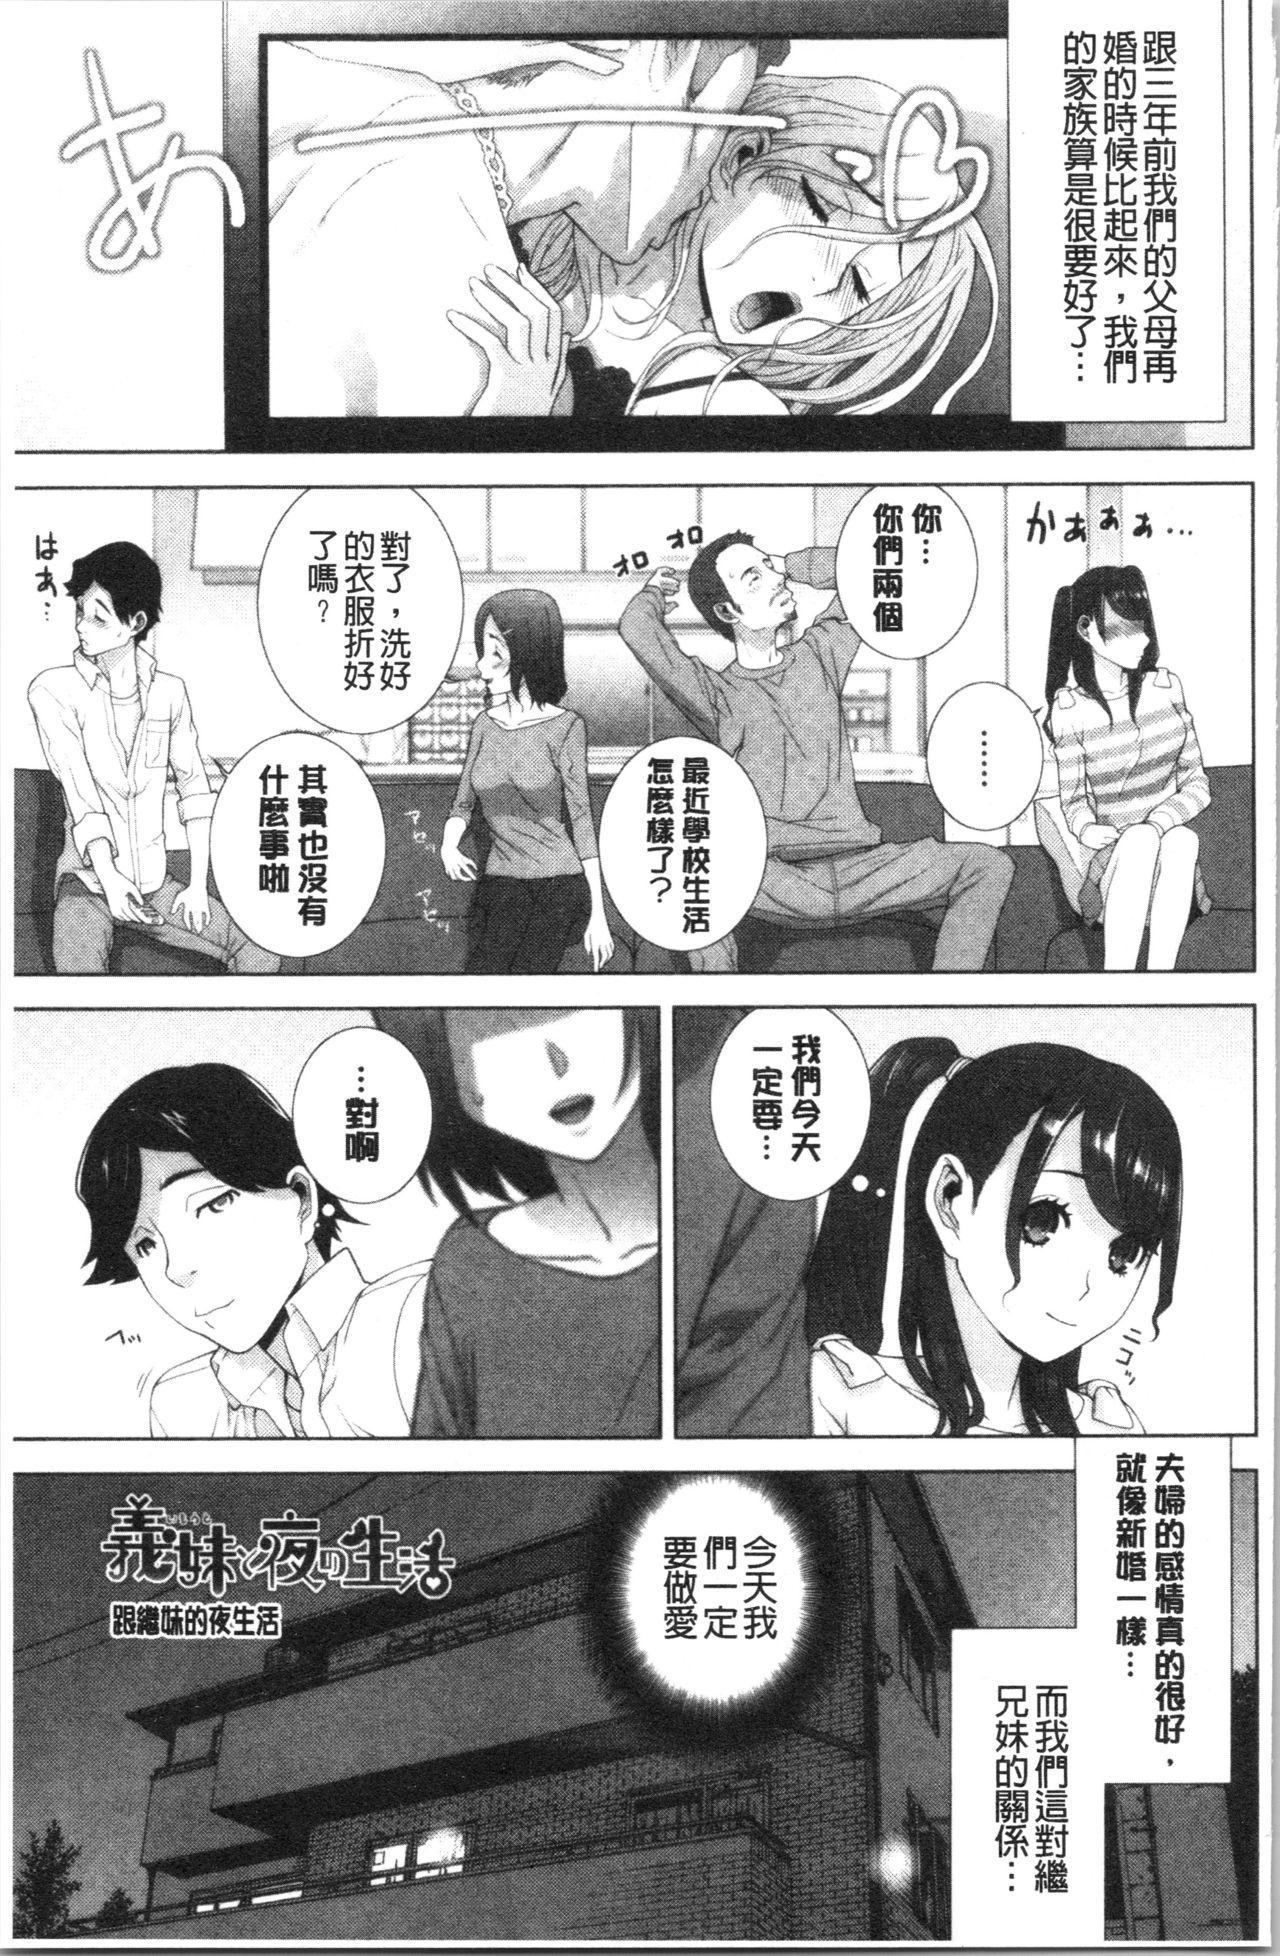 Imouto no Kiken na Anzenbi | 繼妹的危險的安全日 129